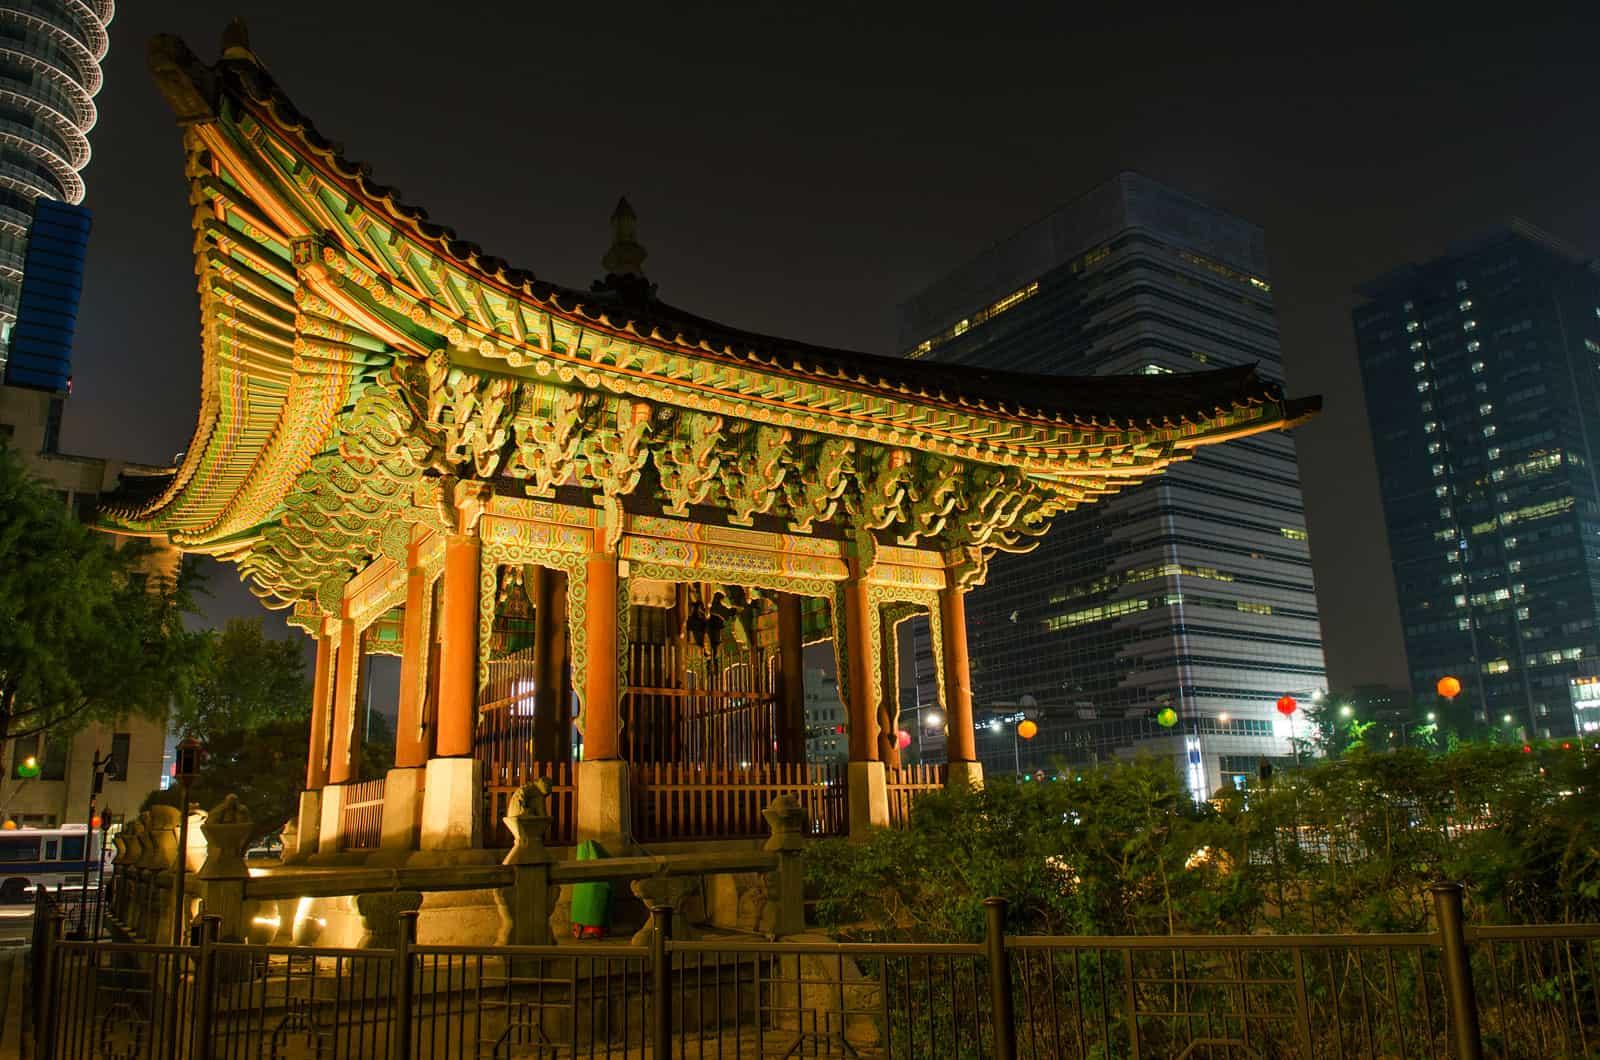 Temple in Seoul, South Korea